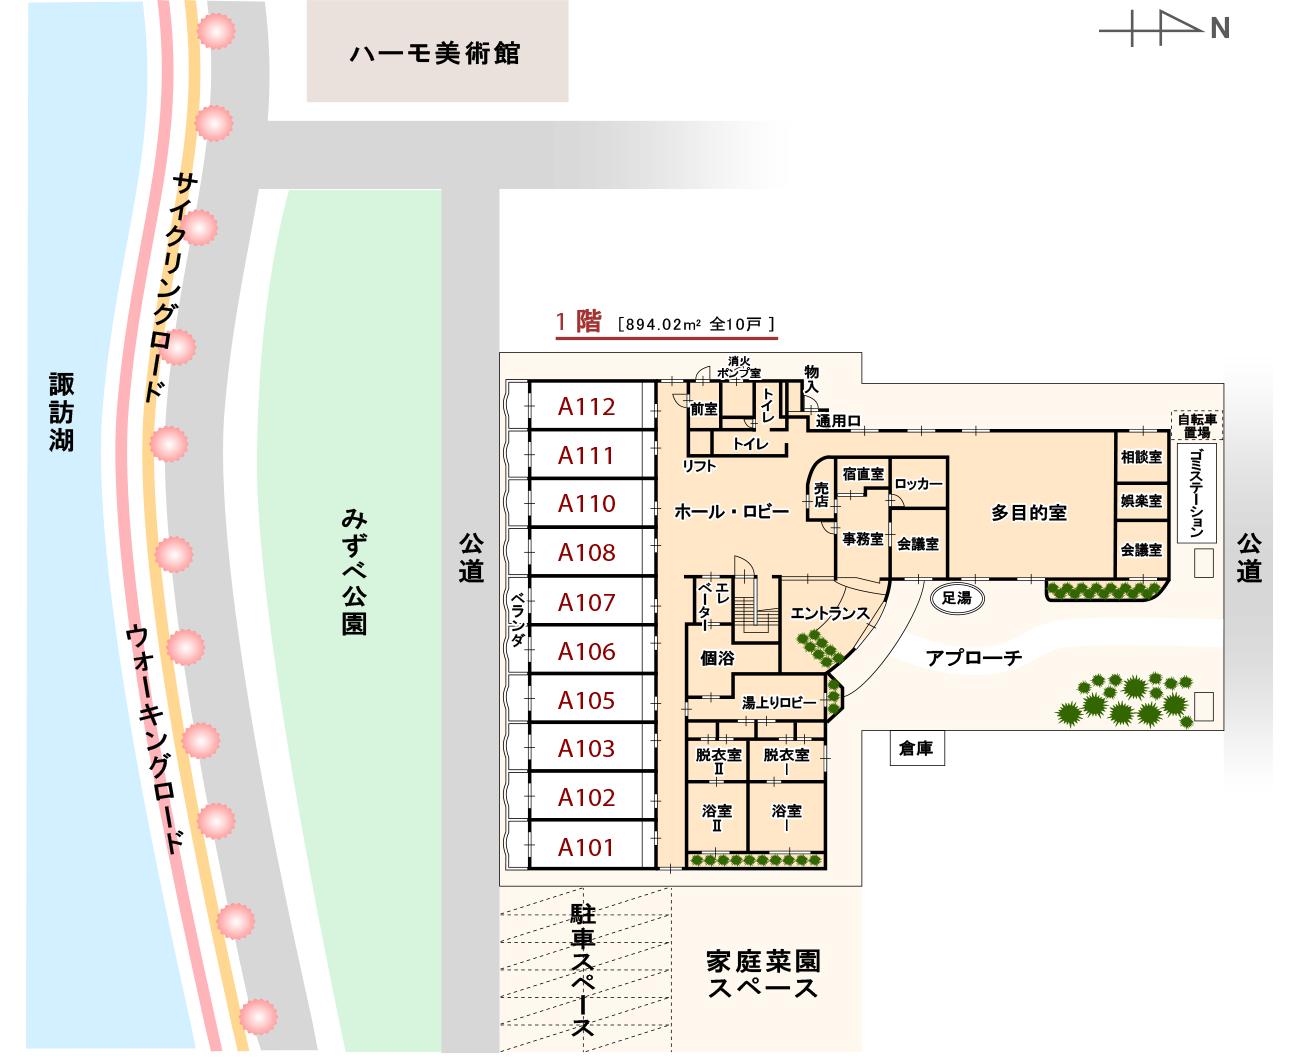 高齢者向け賃貸住宅(介護終身対応)カーサ・デ・ソル湖浜間取り図 1階